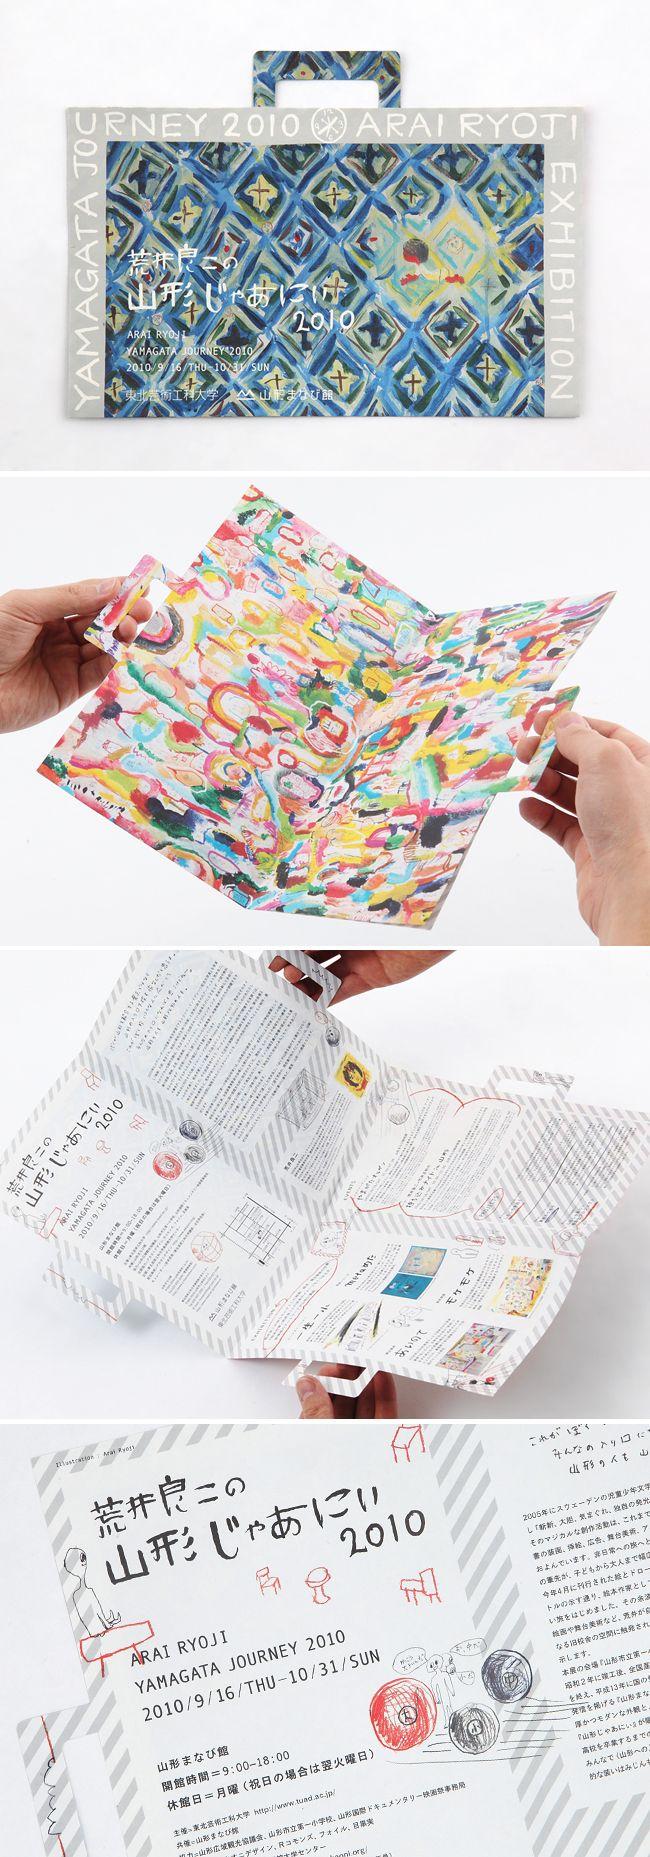 荒井良二の山形じゃあにぃ ARAI RYOJI YAMAGATA JOURNEY   akaoni design, 2010